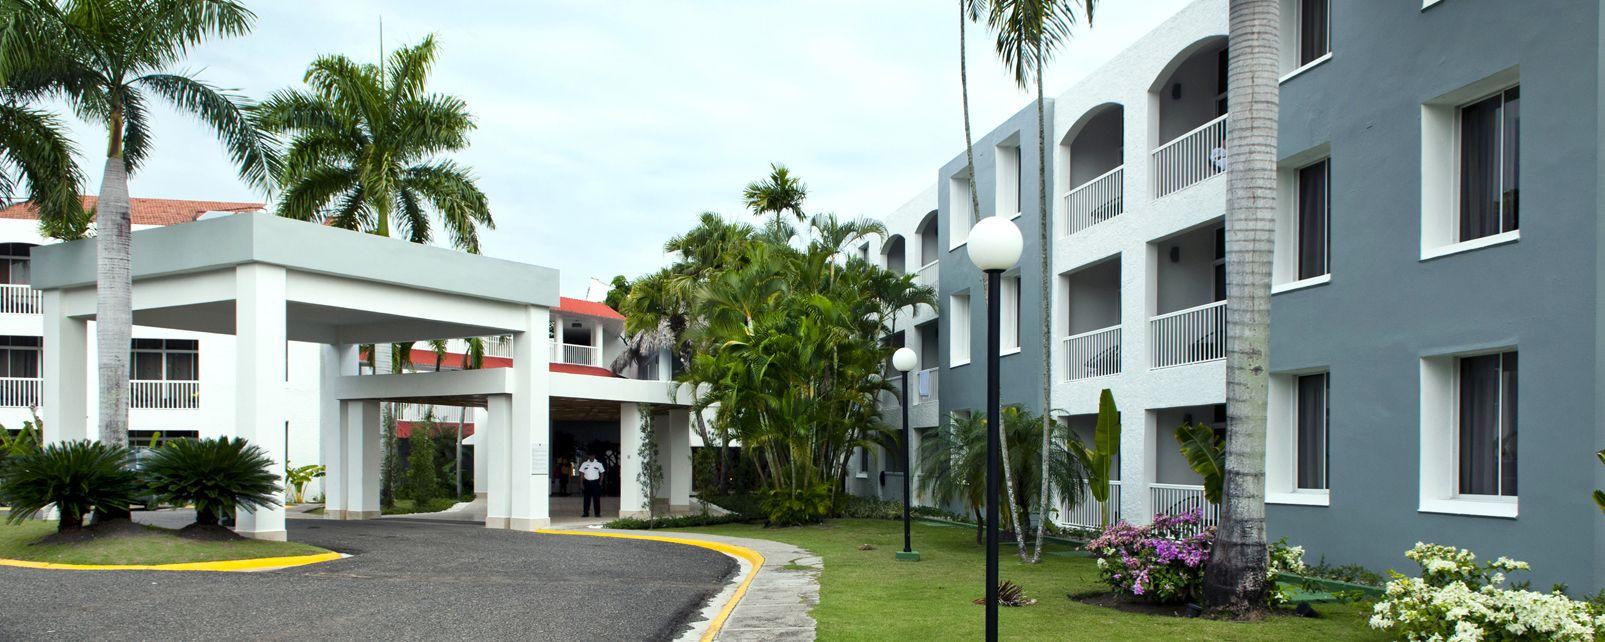 Hotel Viva Wyndham V Heavens